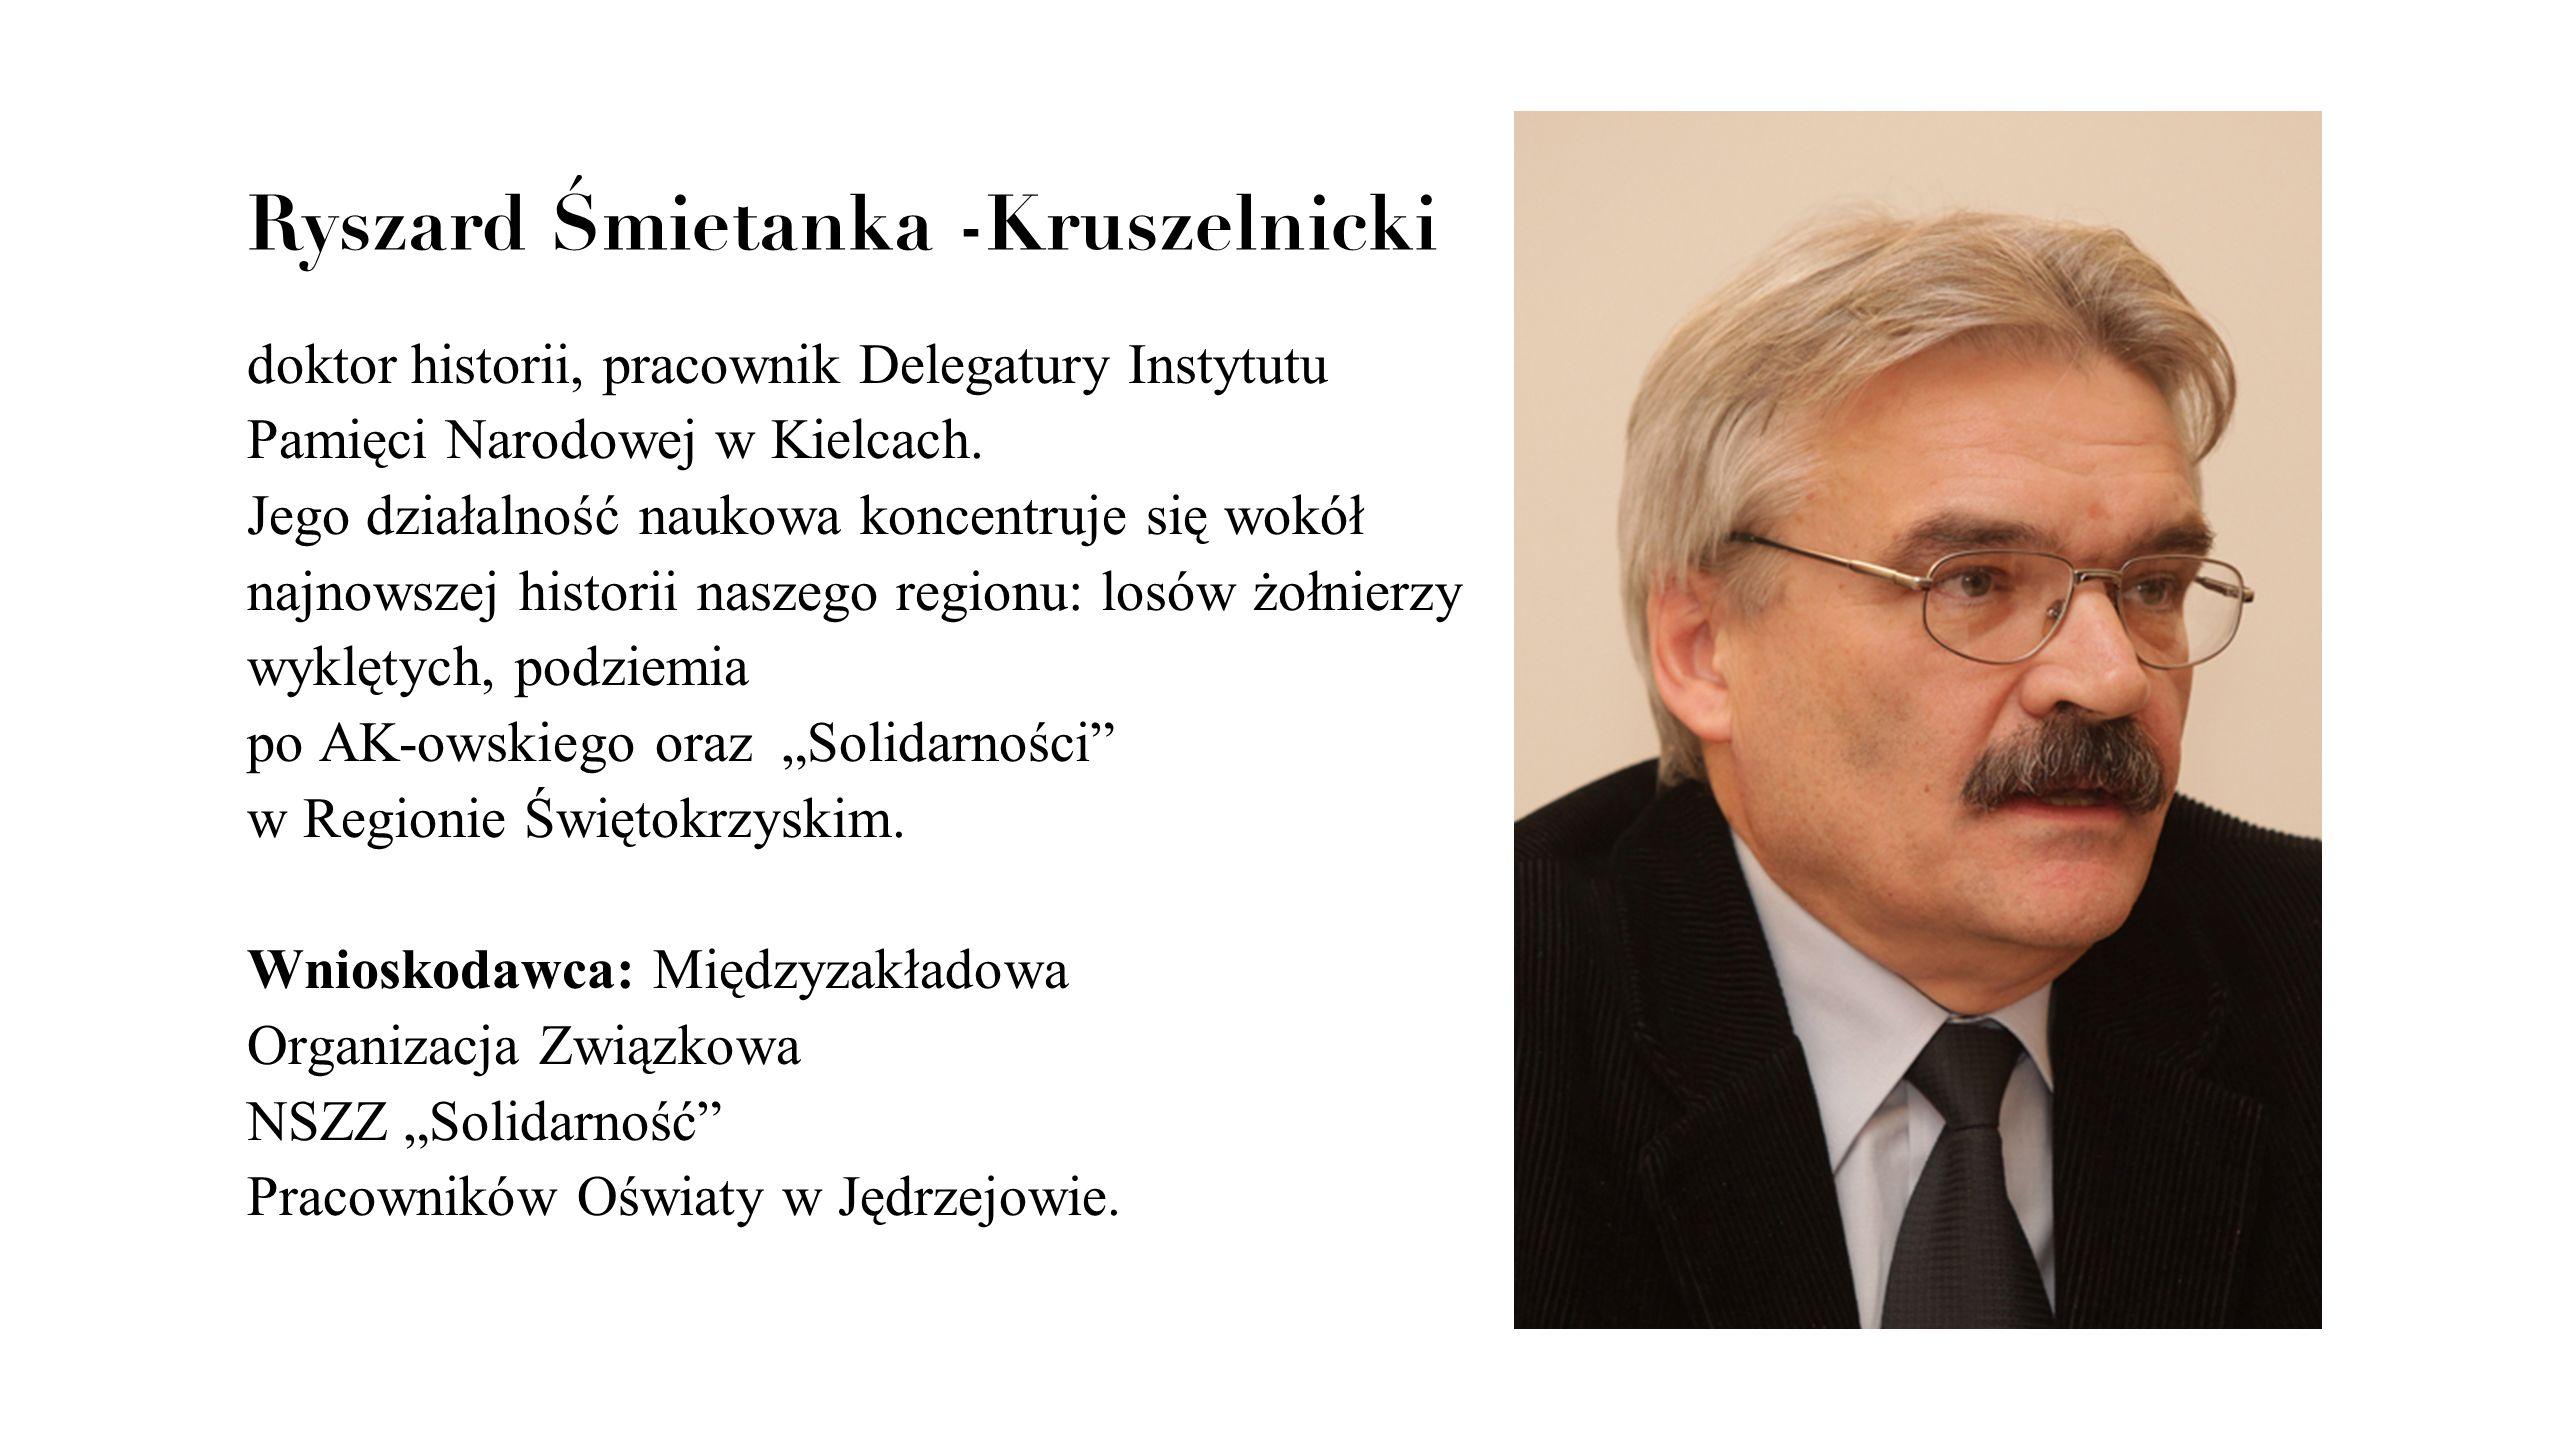 Ryszard Śmietanka -Kruszelnicki doktor historii, pracownik Delegatury Instytutu Pamięci Narodowej w Kielcach. Jego działalność naukowa koncentruje się